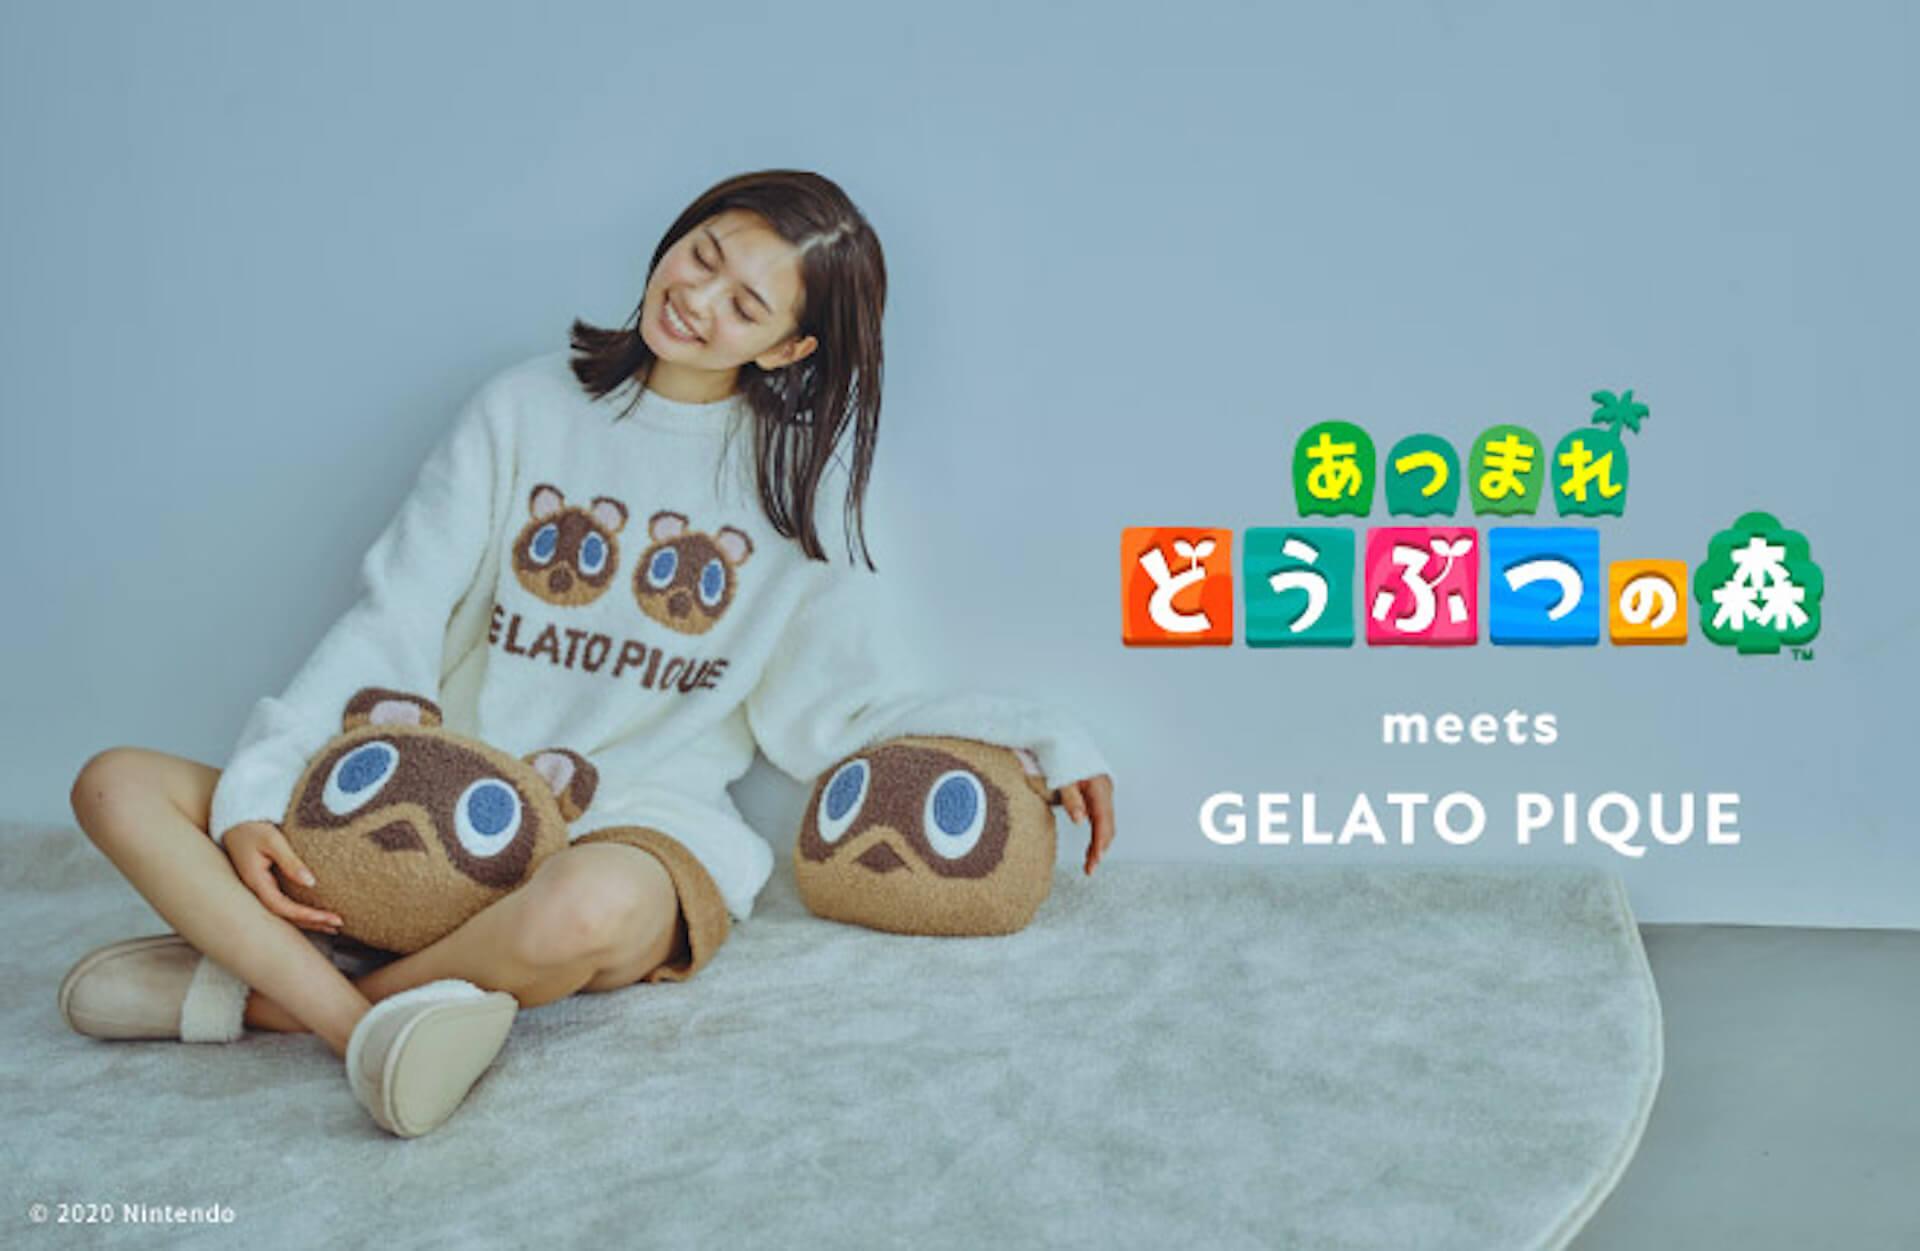 ジェラート ピケが人気のNintendo Switch用ゲーム『あつまれ どうぶつの森』のルームウェアコレクションを発売決定! life201116_gelatopique_doubutsu_20